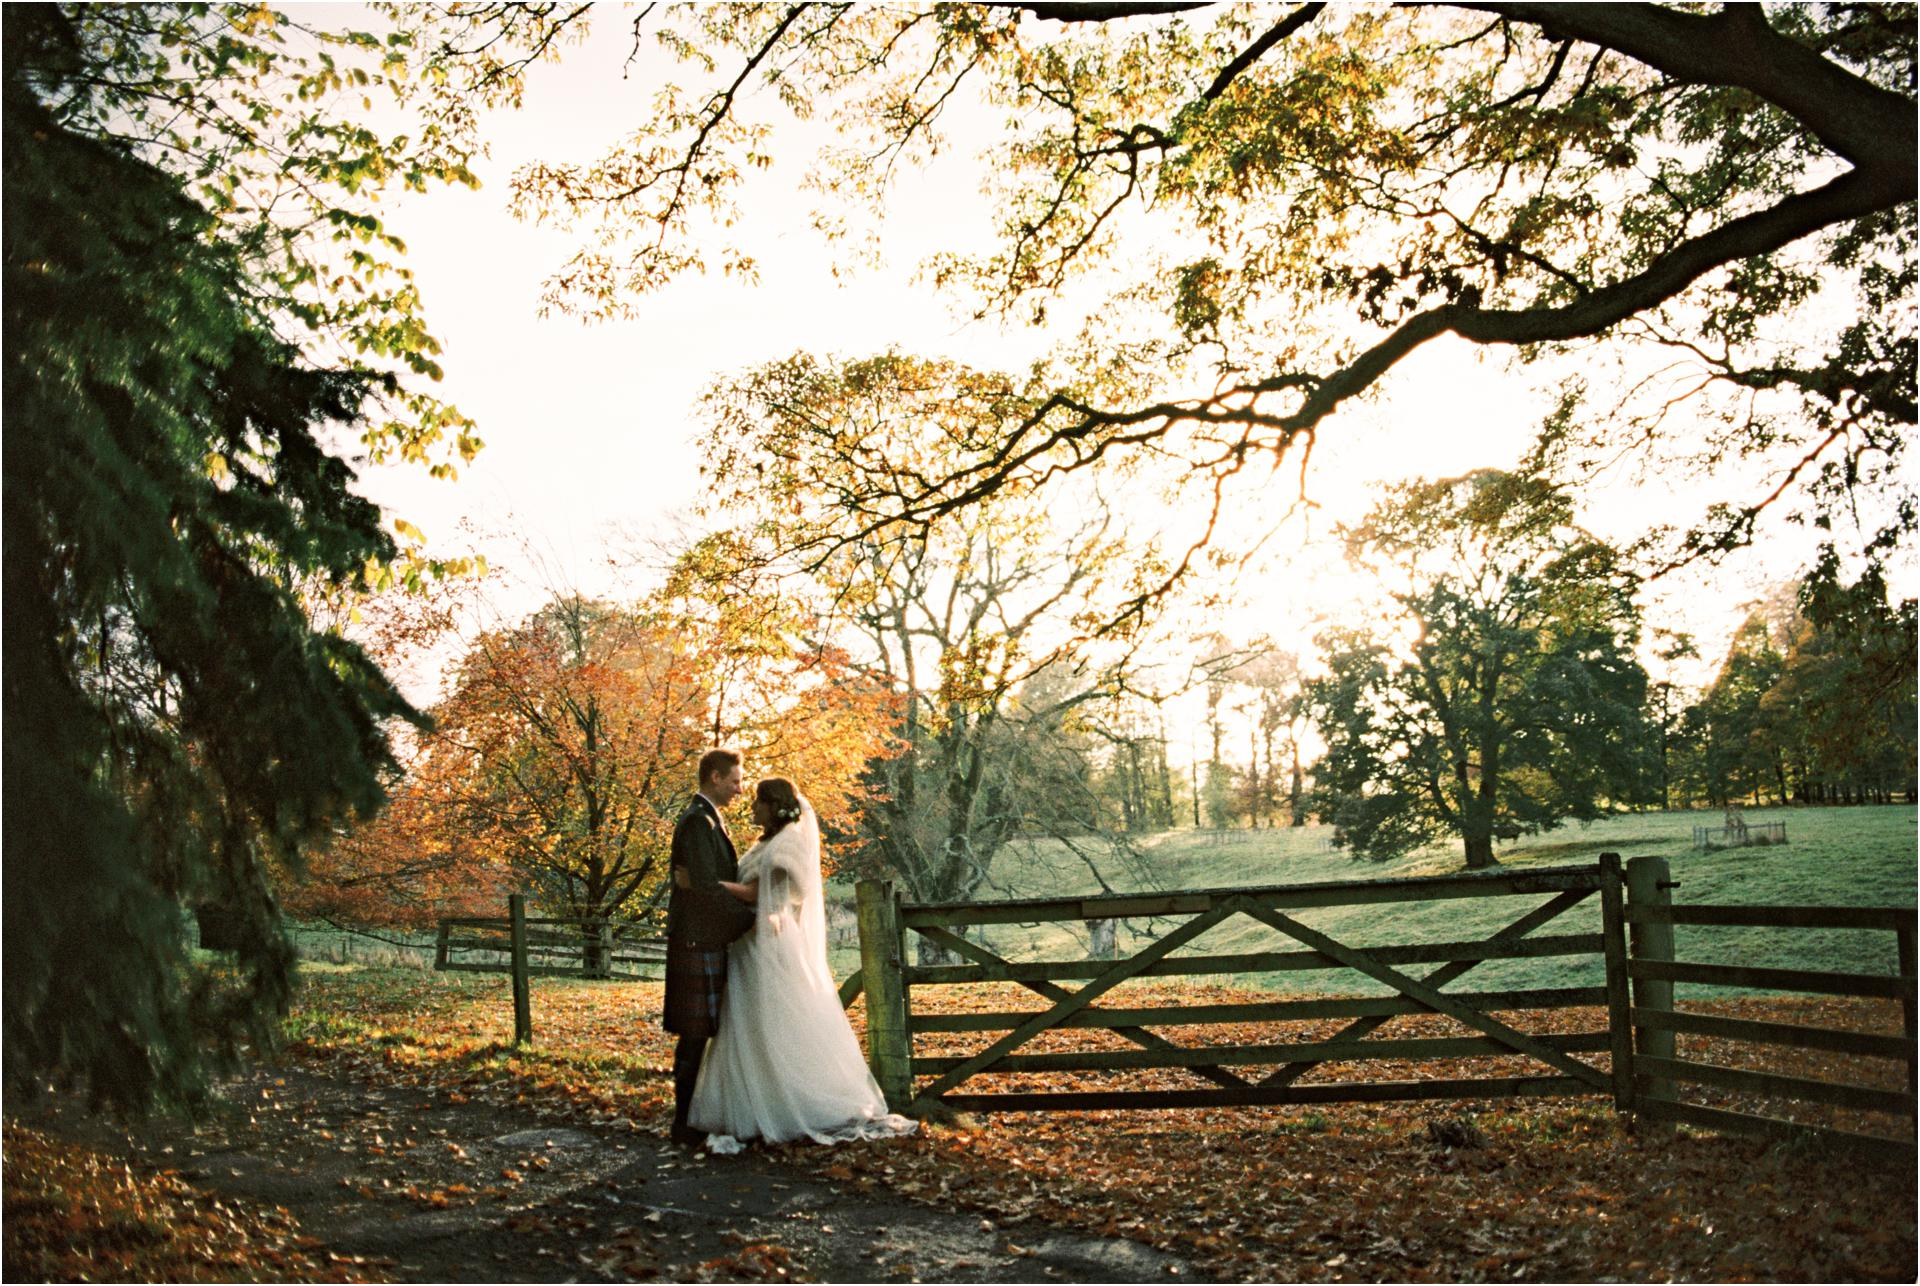 weddingsonfilmphotosbyzoe27